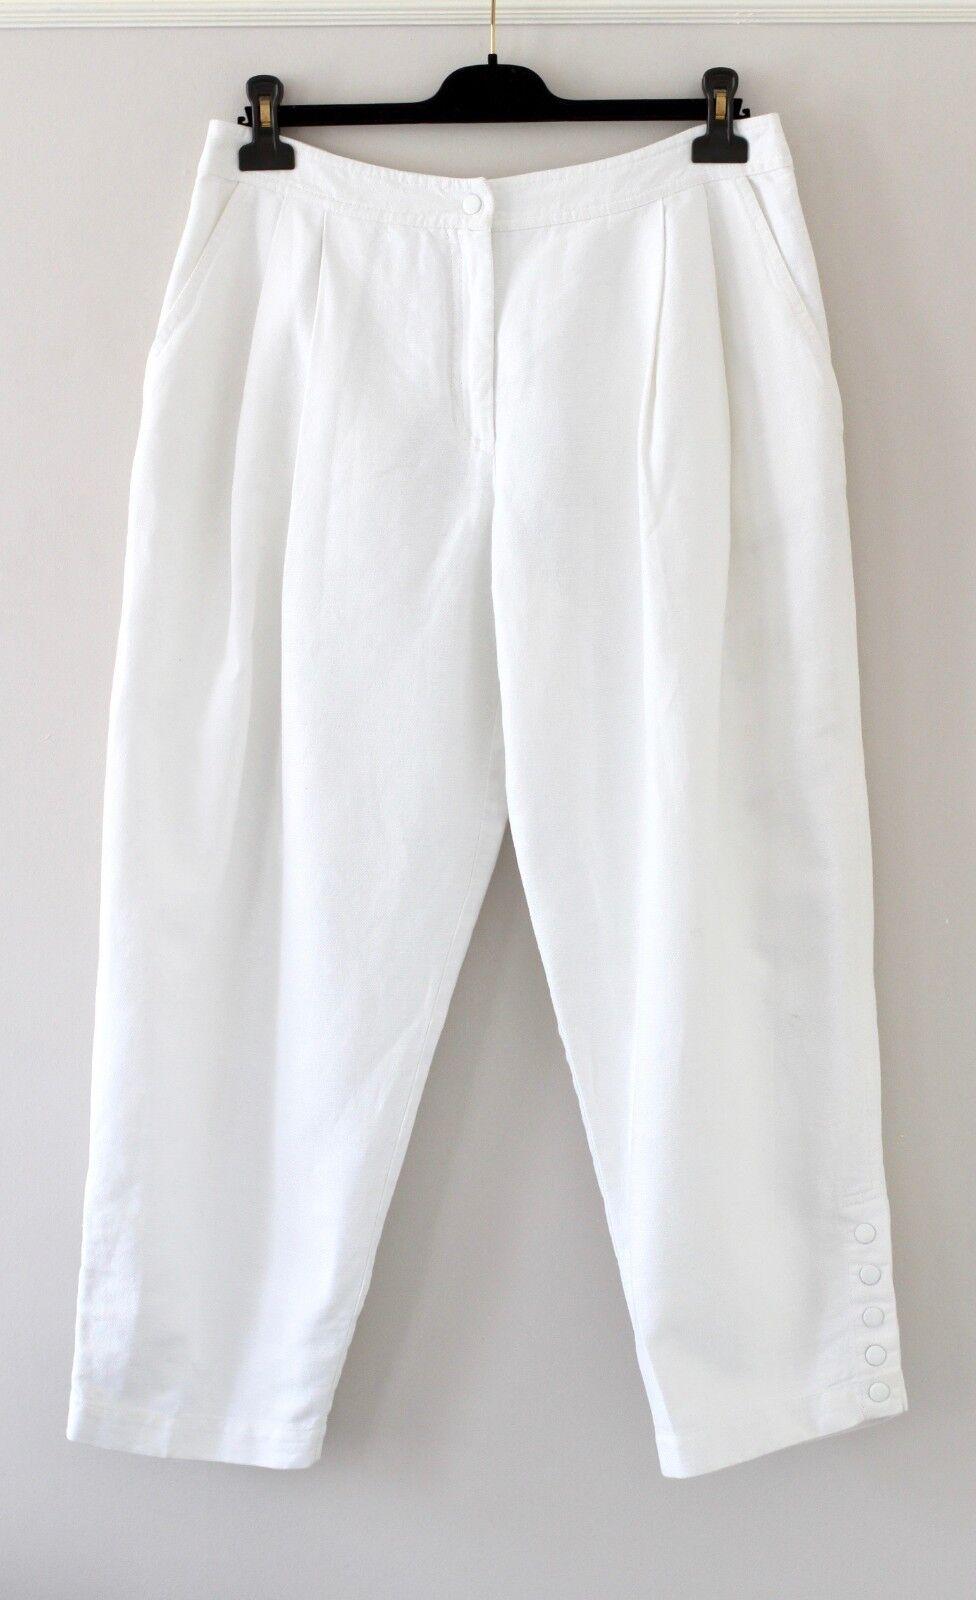 EMILIO PUCCI white linen cotton trousers pants UK14 IT46 US12